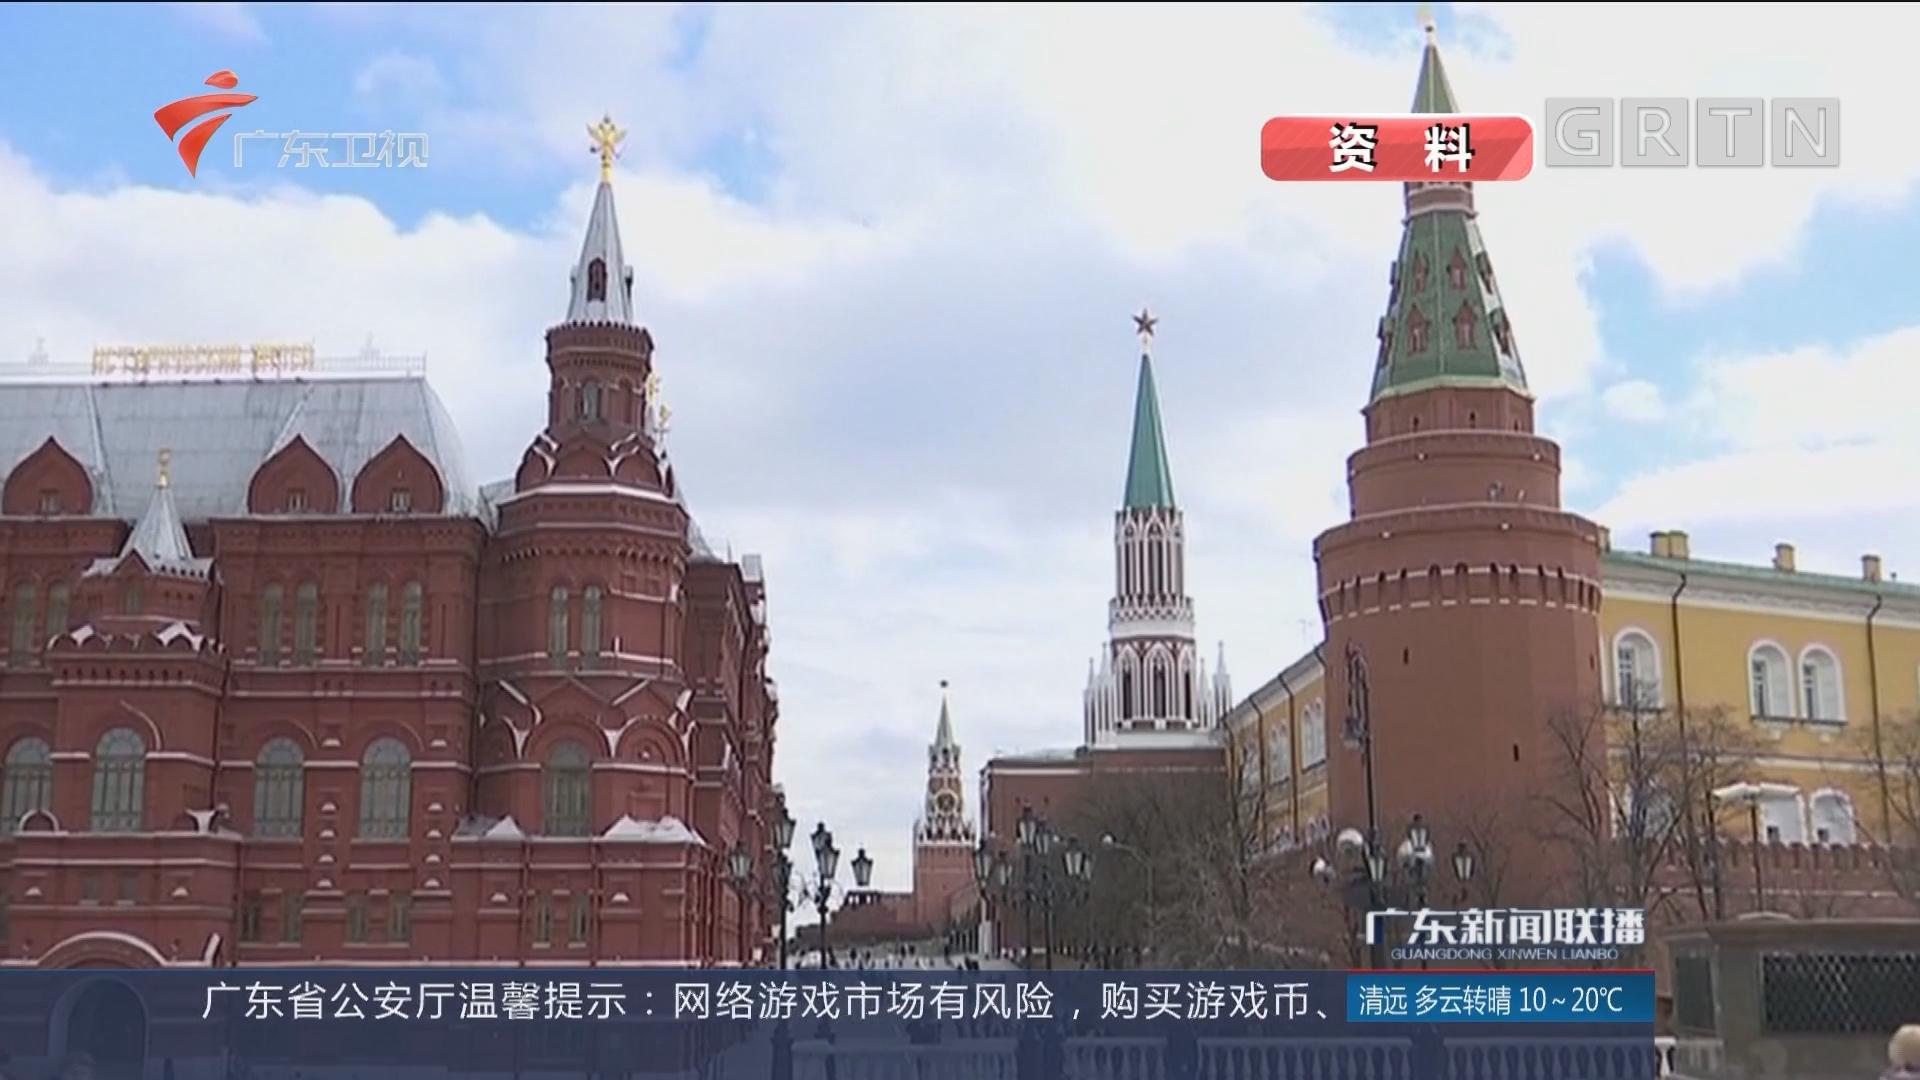 俄罗斯2018年参选总统申请人递交材料阶段结束